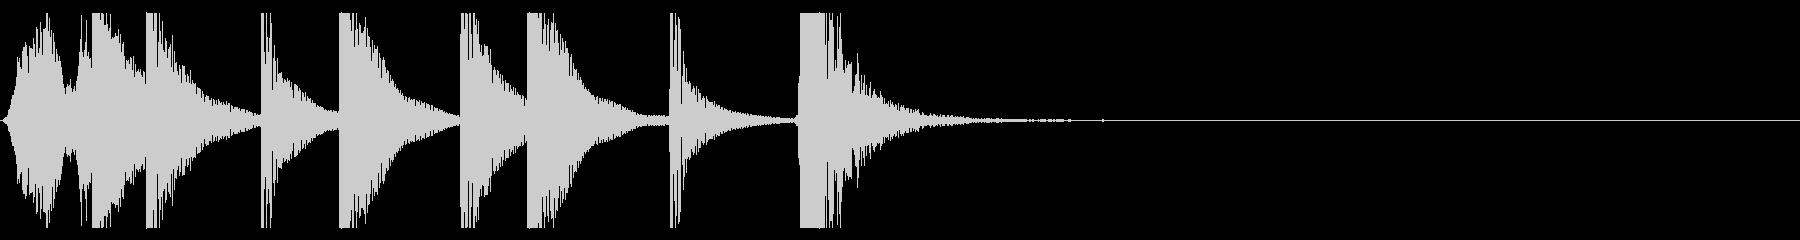 歌舞伎・能◆かけ声 締太鼓 ポンッ 04の未再生の波形